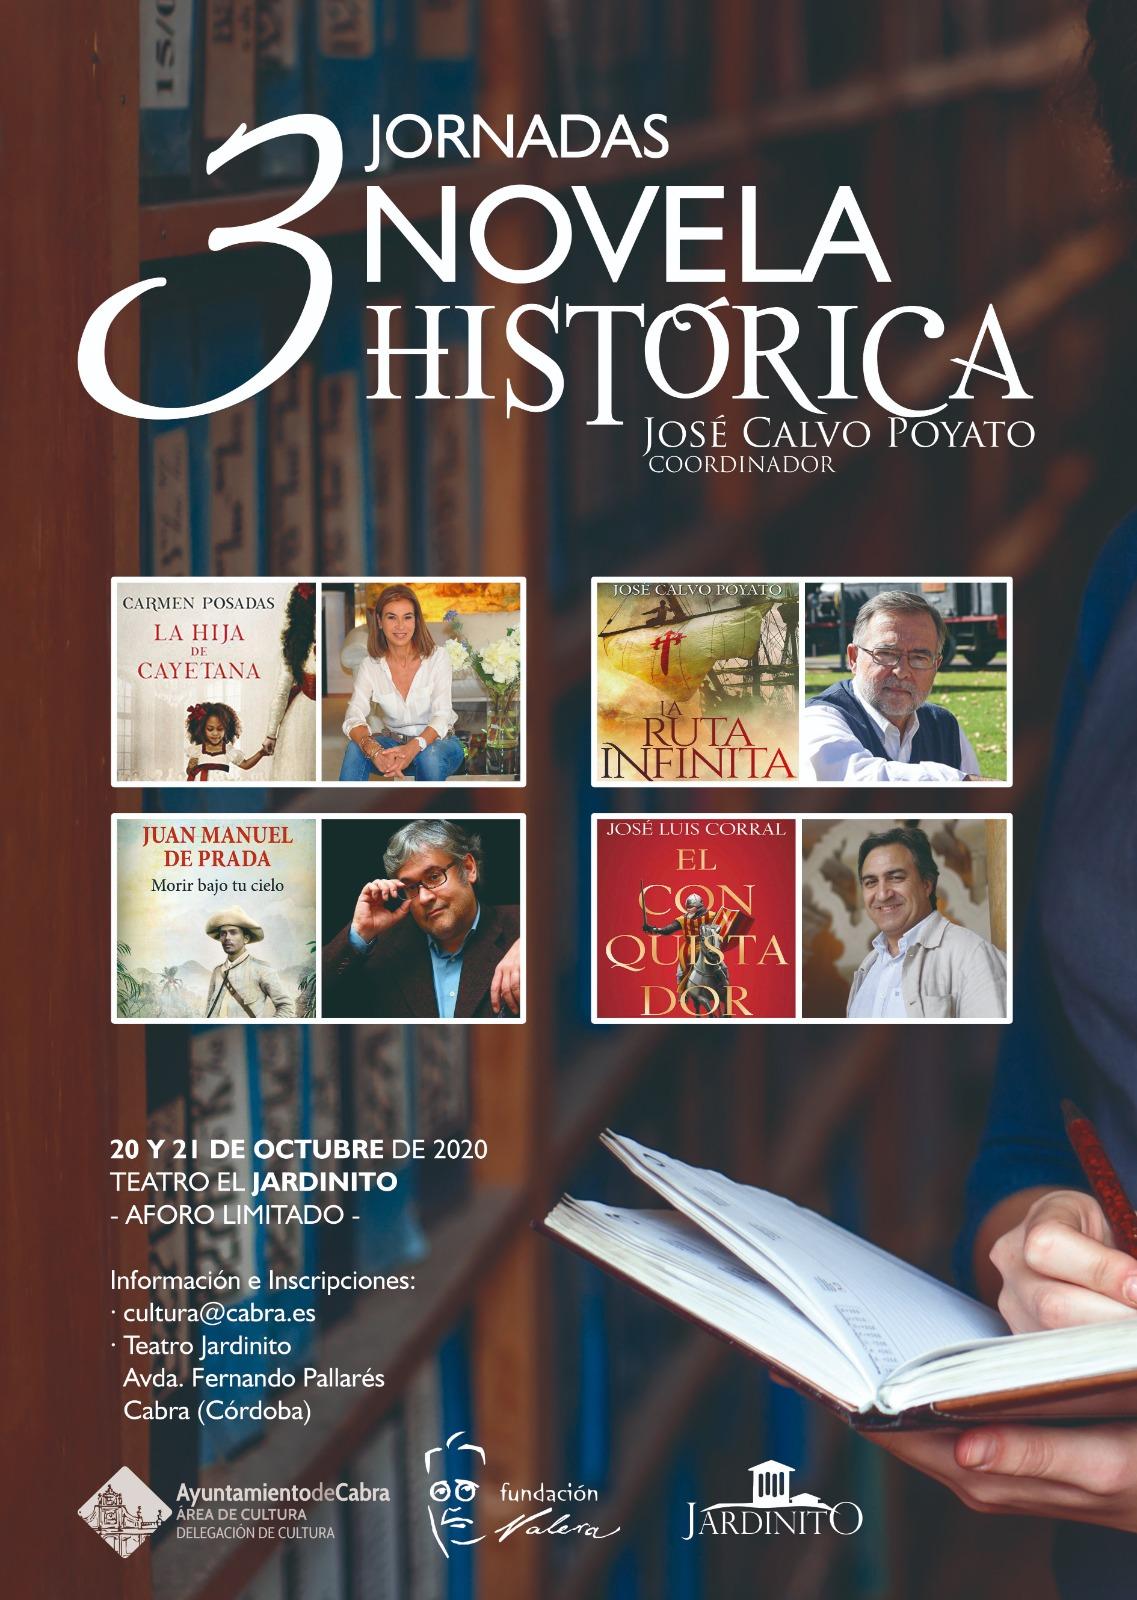 El Teatro El Jardinito acoge los días 20 y 21 de octubre las III Jornadas de Novela Histórica